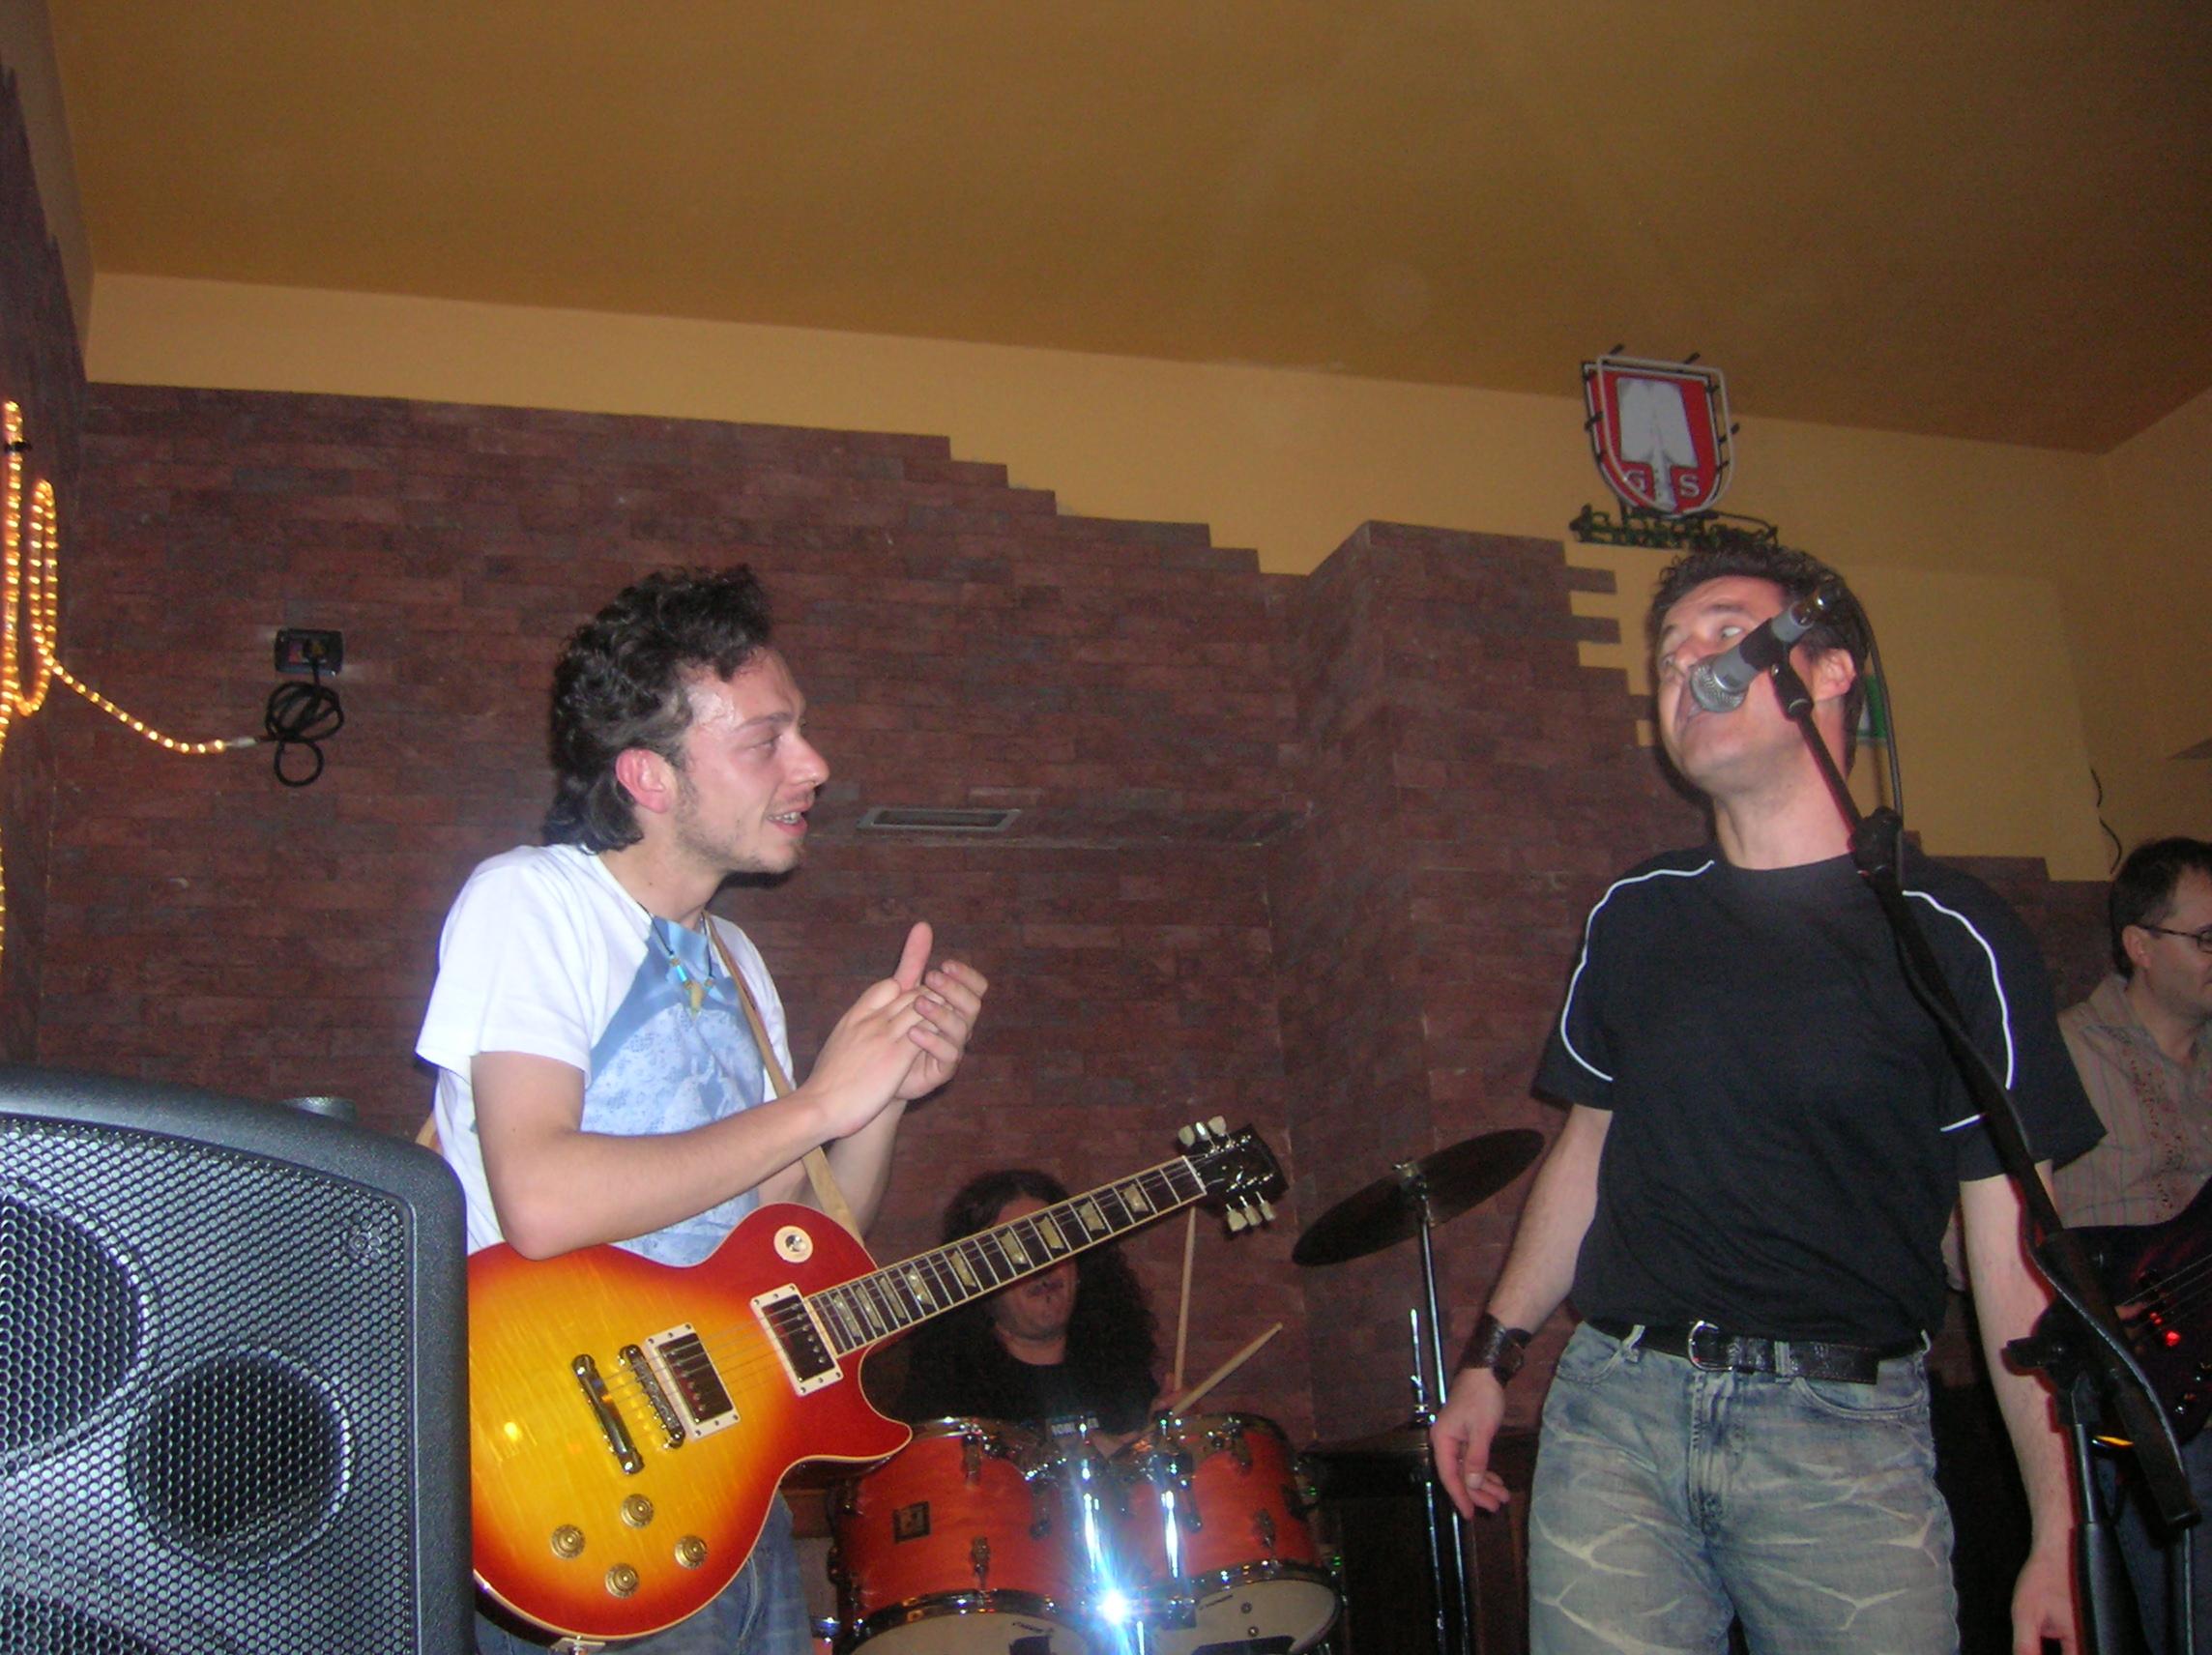 Live @Boogie con Gennaro Porcelli & Higway 61 - 12 maggio 2007 (RM)